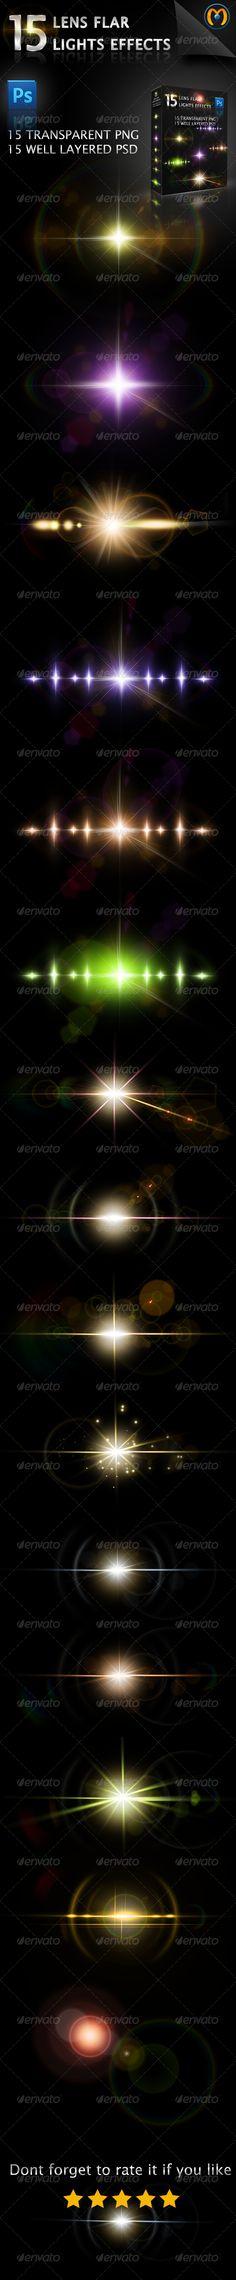 15 Lens Flares V.1 - #Decorative Graphics Download here:  https://graphicriver.net/item/15-lens-flares-v1/5330487?ref=alena994